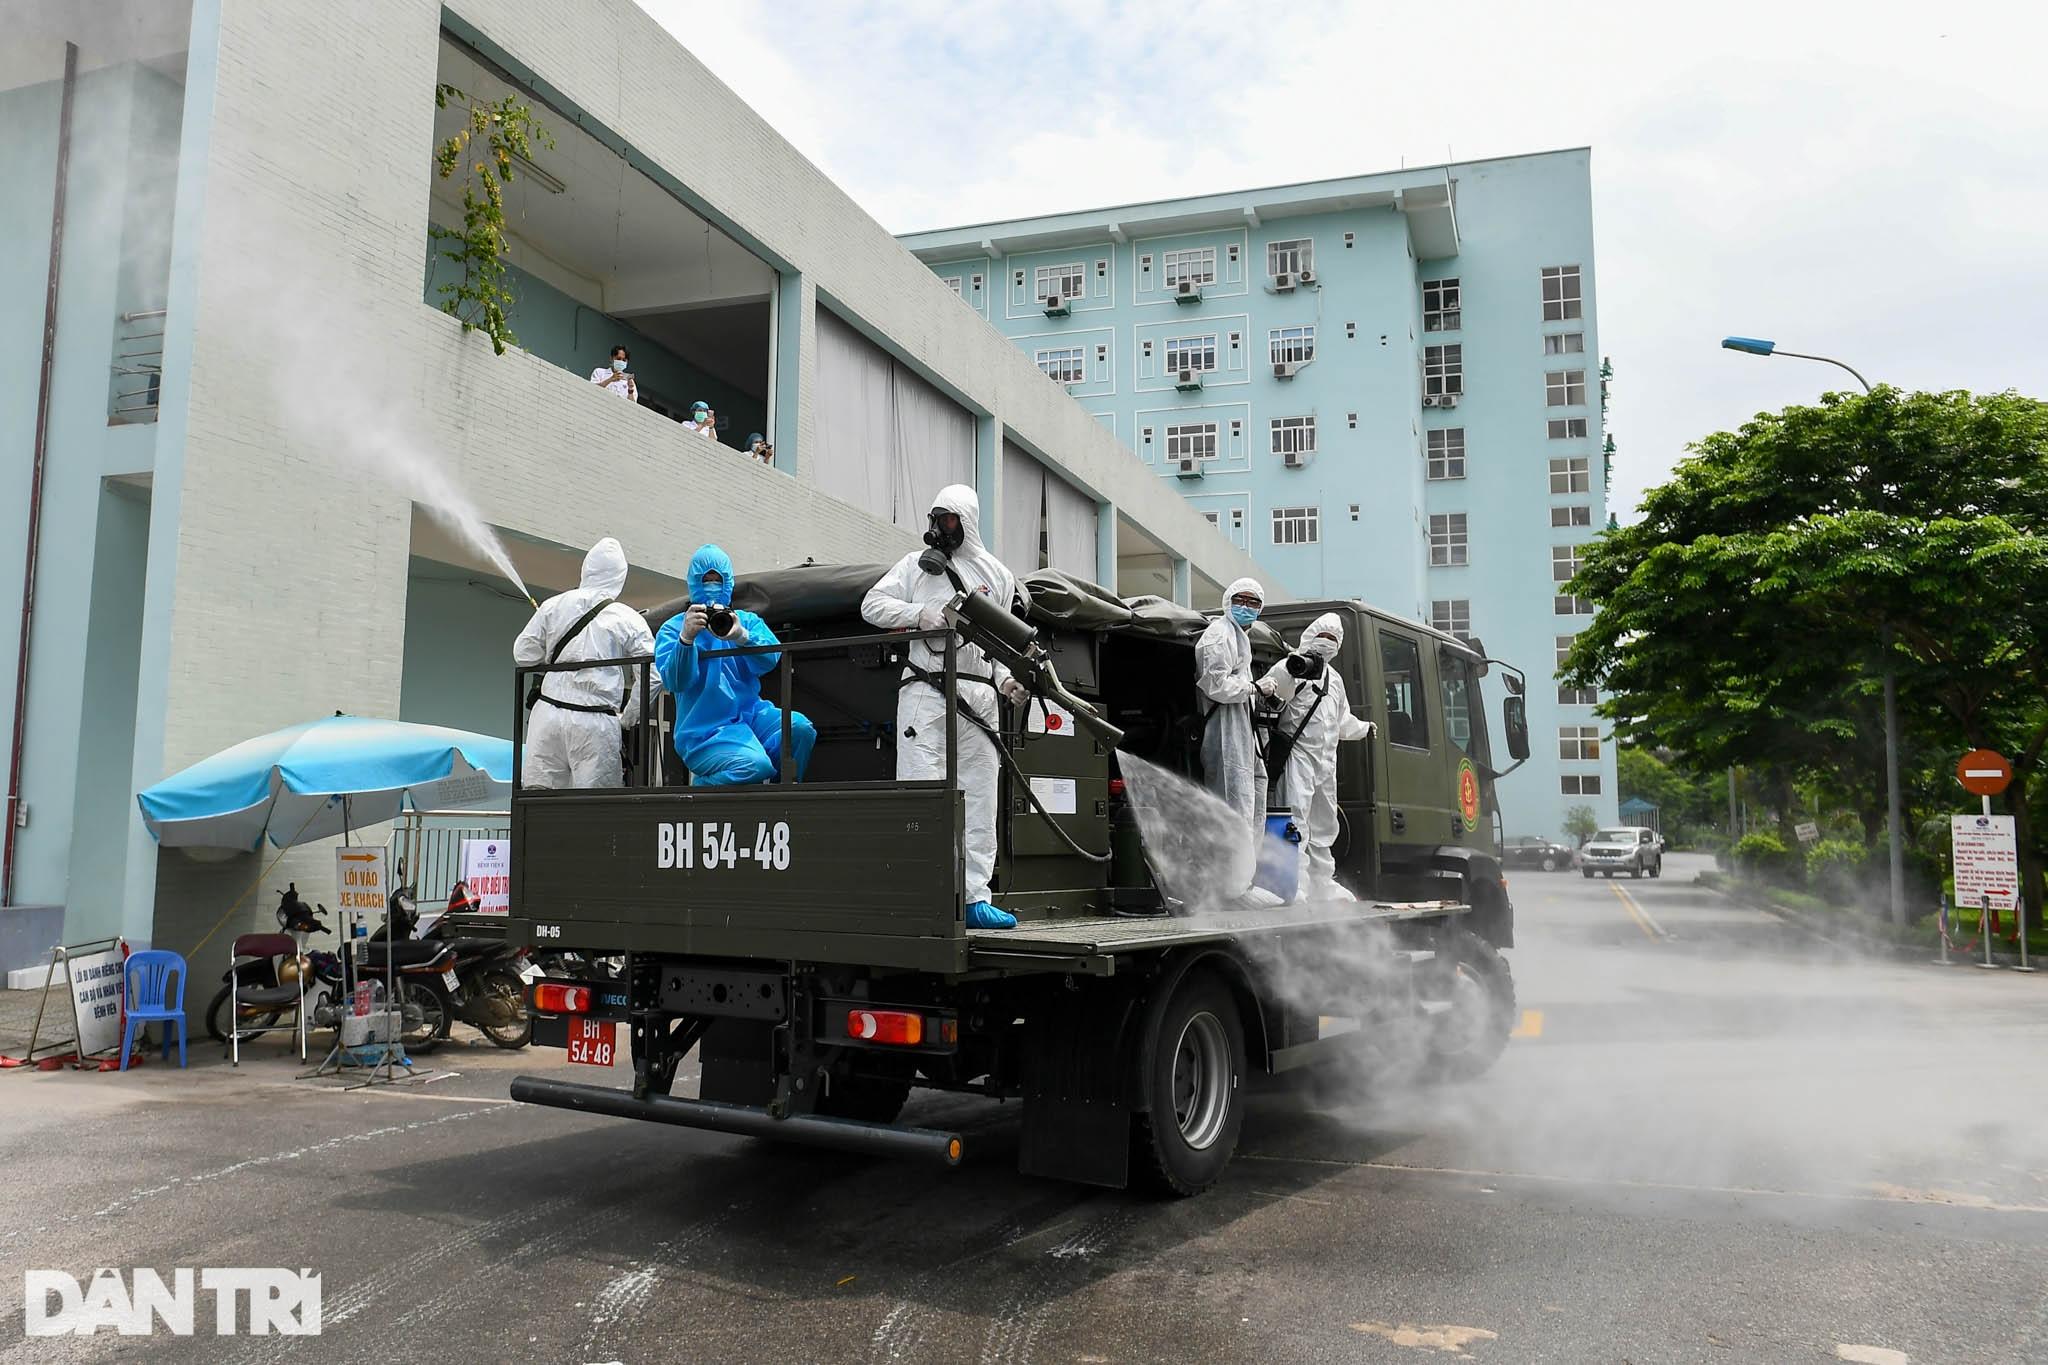 Khẩn cấp phun khử khuẩn, tiêu độc toàn bộ Bệnh viện K cơ sở Tân Triều - 3